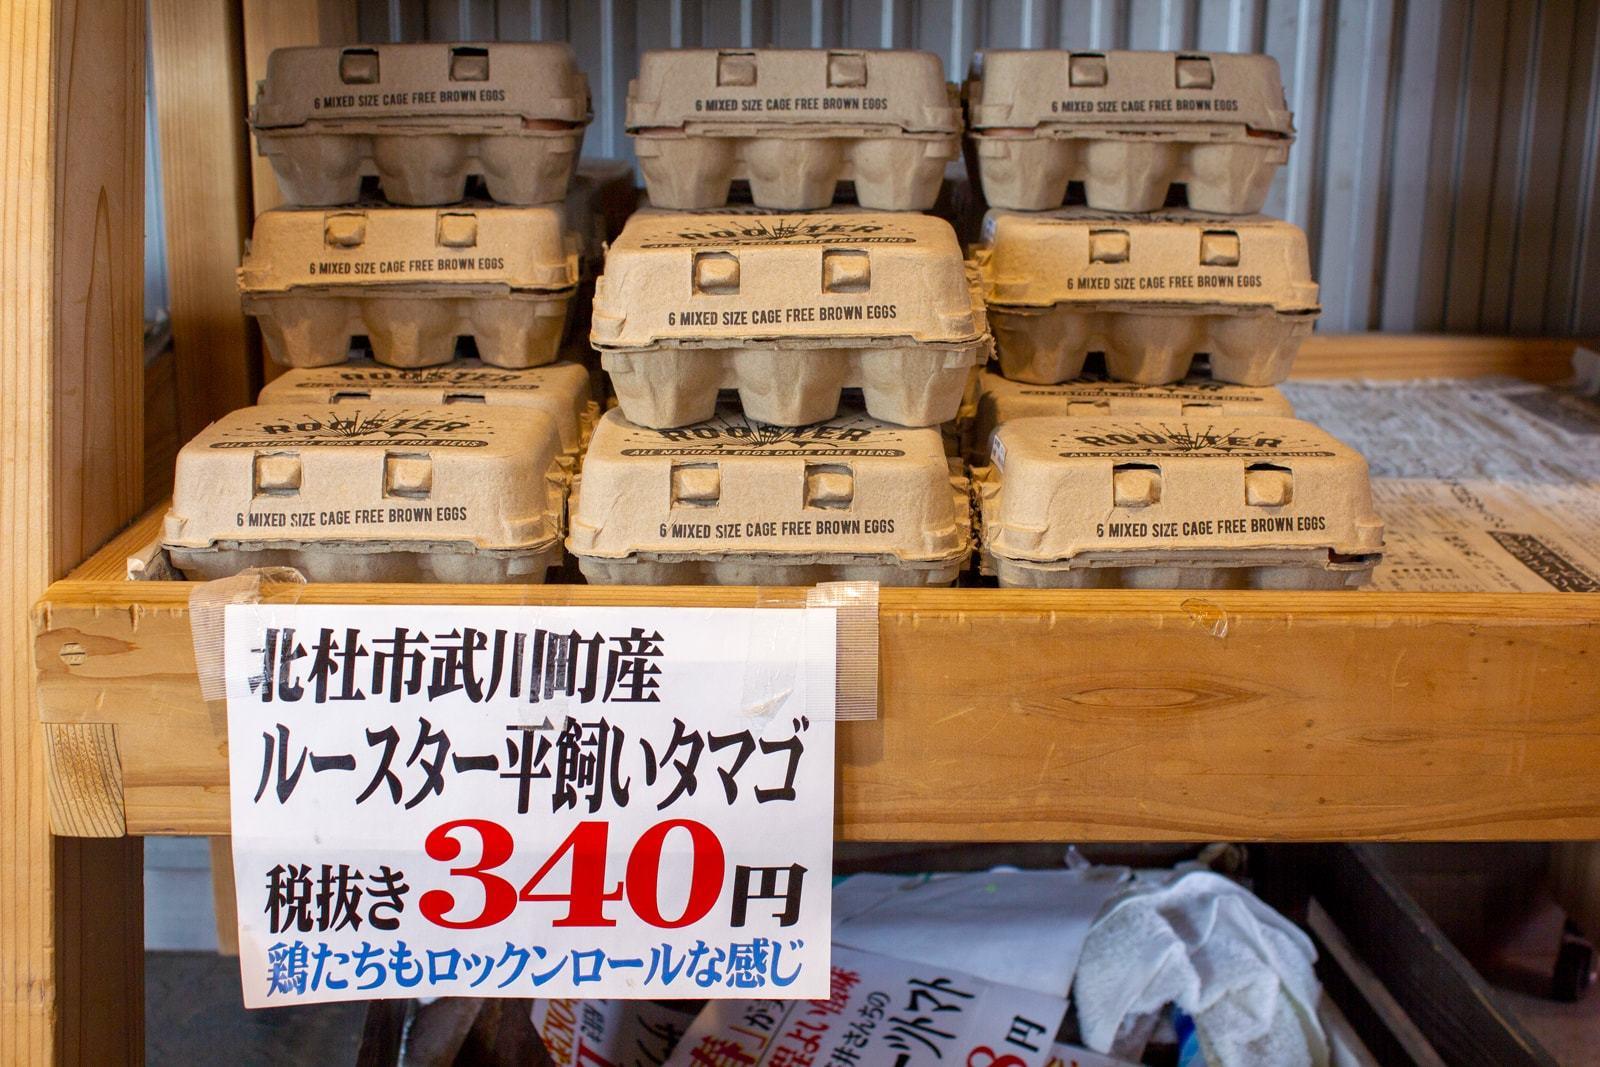 店長がウケる北杜市の名物スーパー『ひまわり市場』のポップ笑。ちなみにROOSTERの卵は、白身が抜群に美味しいので「ゆで卵」が絶品です!